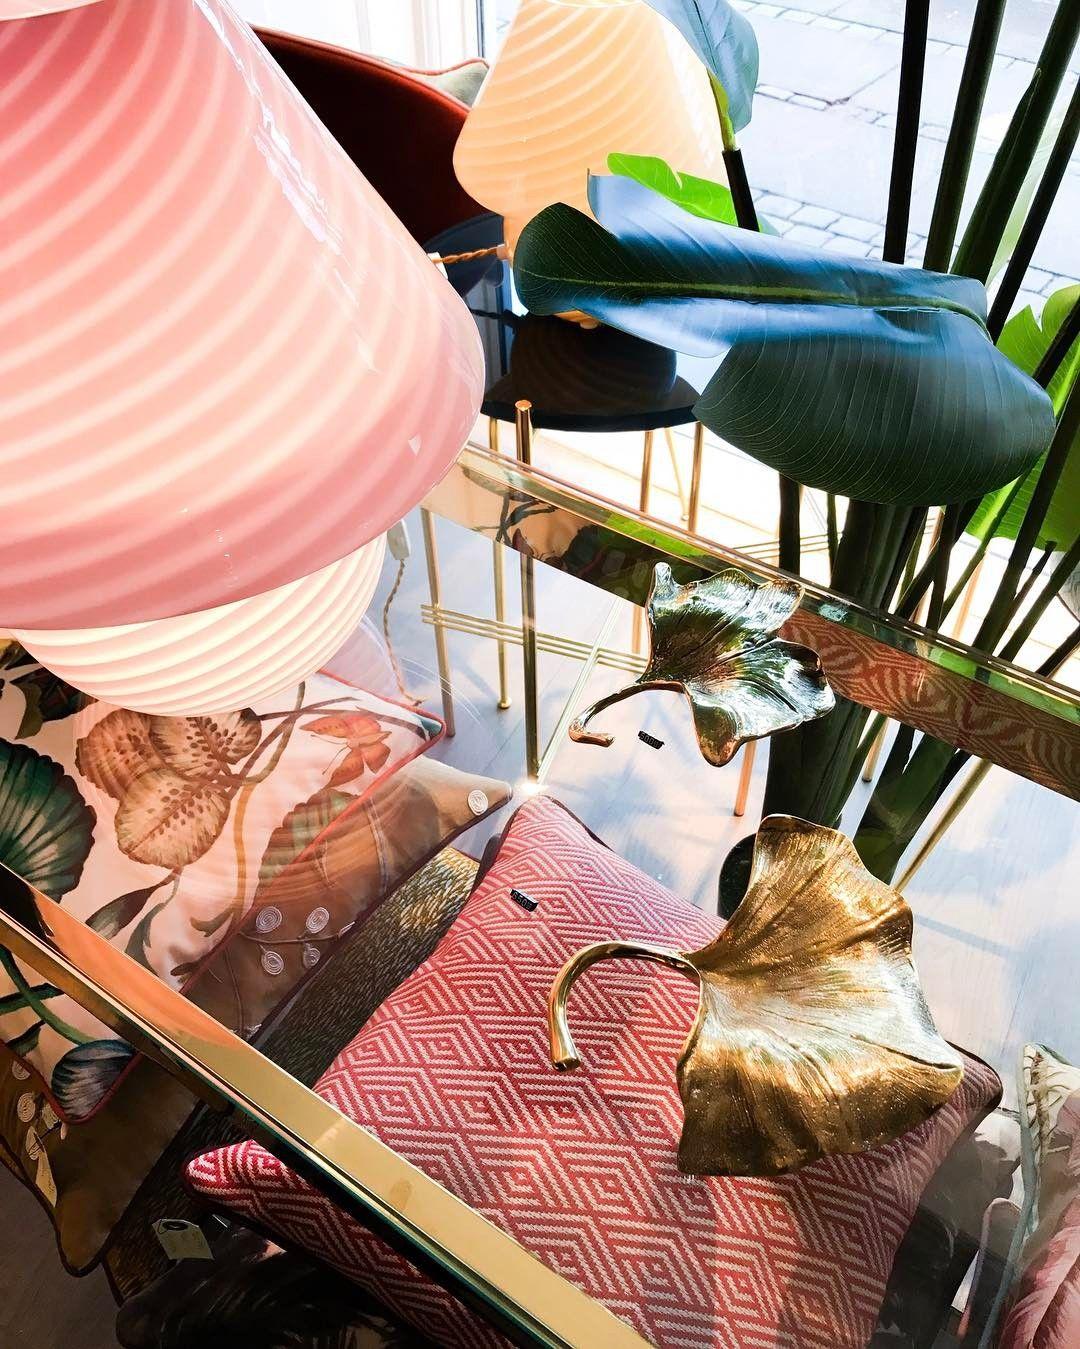 """545 Synes godt om, 5 kommentarer – FUNDA CHRISTOPHERSEN (@fundachristophersen) på Instagram: """"Interior shopping 🛒🌴👅🙌🏼 @privecopenhagen"""""""